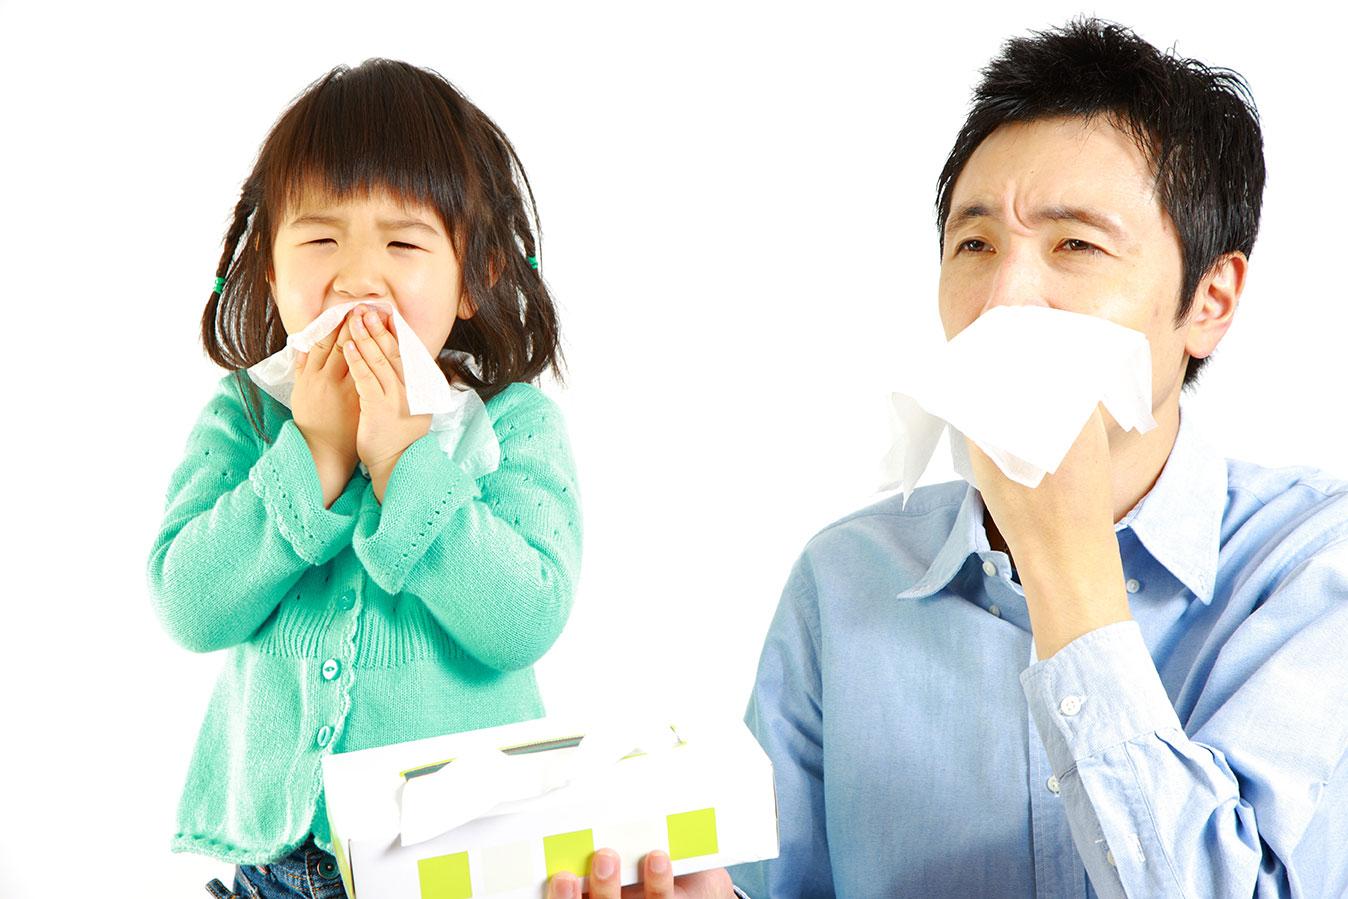 鼻炎の症状